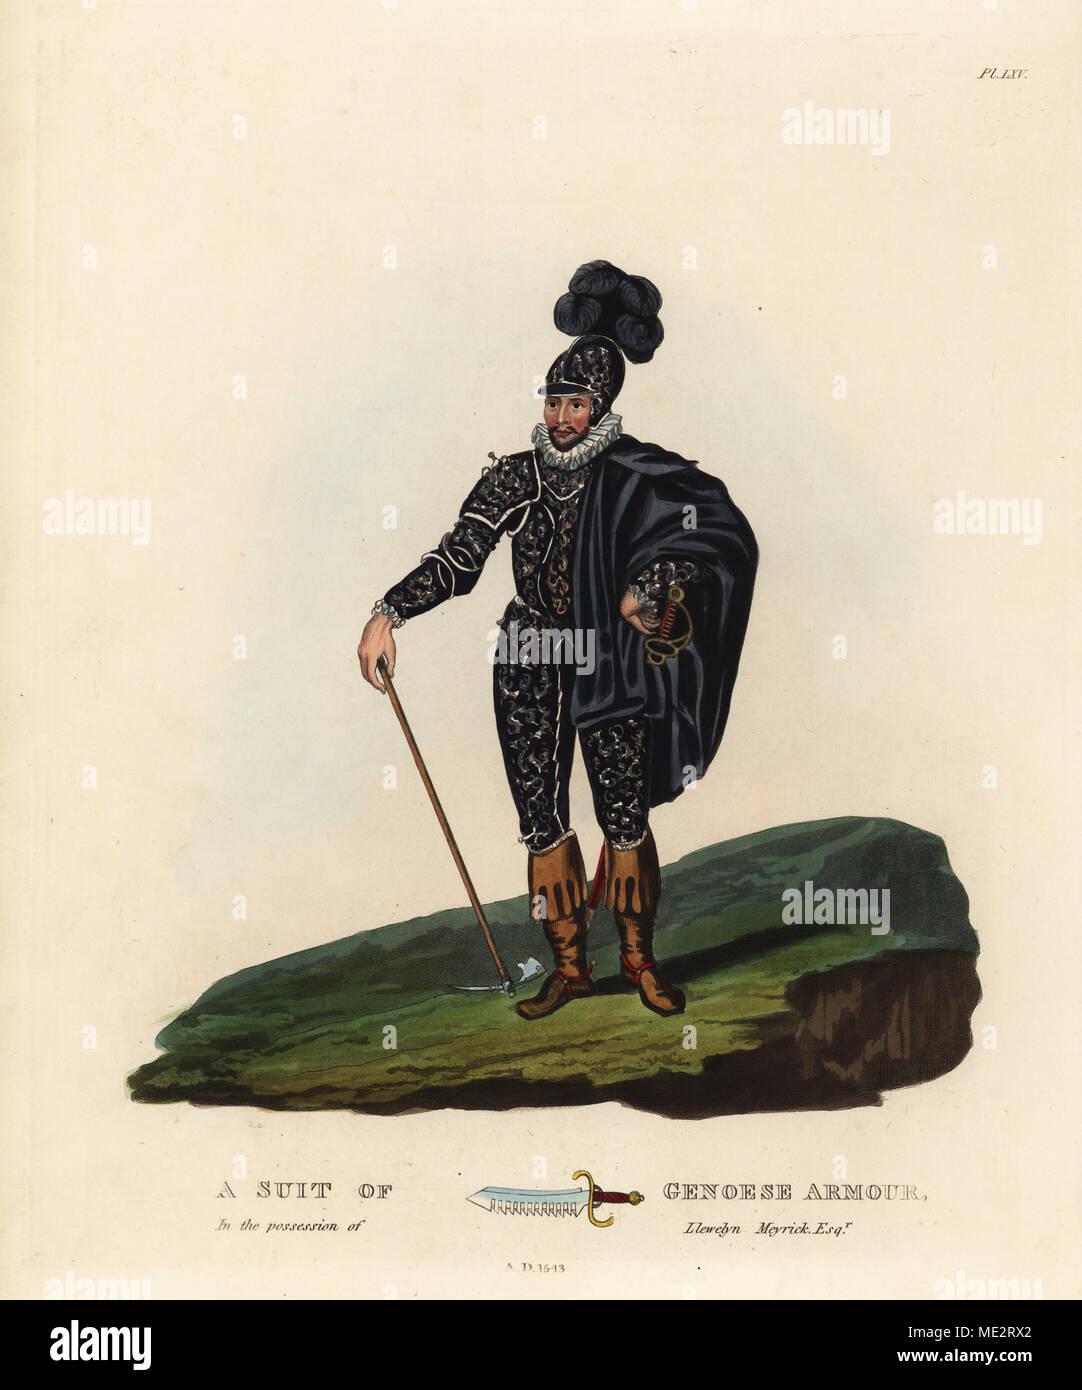 Eine Klage von einem Genuesischen demi-launcers'Armor im Besitz von Llewelyn Meyrick, 1543. Schwarze Rüstung mit angehobenem Laub; pauldrons, Ellenbogen und Knie - Stücke mit der angehobenen Löwenköpfe. Schwert - Brechen der Waffe. Papierkörbe Lithographie von maddocks nach einer Abbildung von S.R. Meyrick von Sir Samuel Rush Meyrick ist eine kritische Untersuchung Antient Rüstung, John dowding, London, 1842. Stockbild